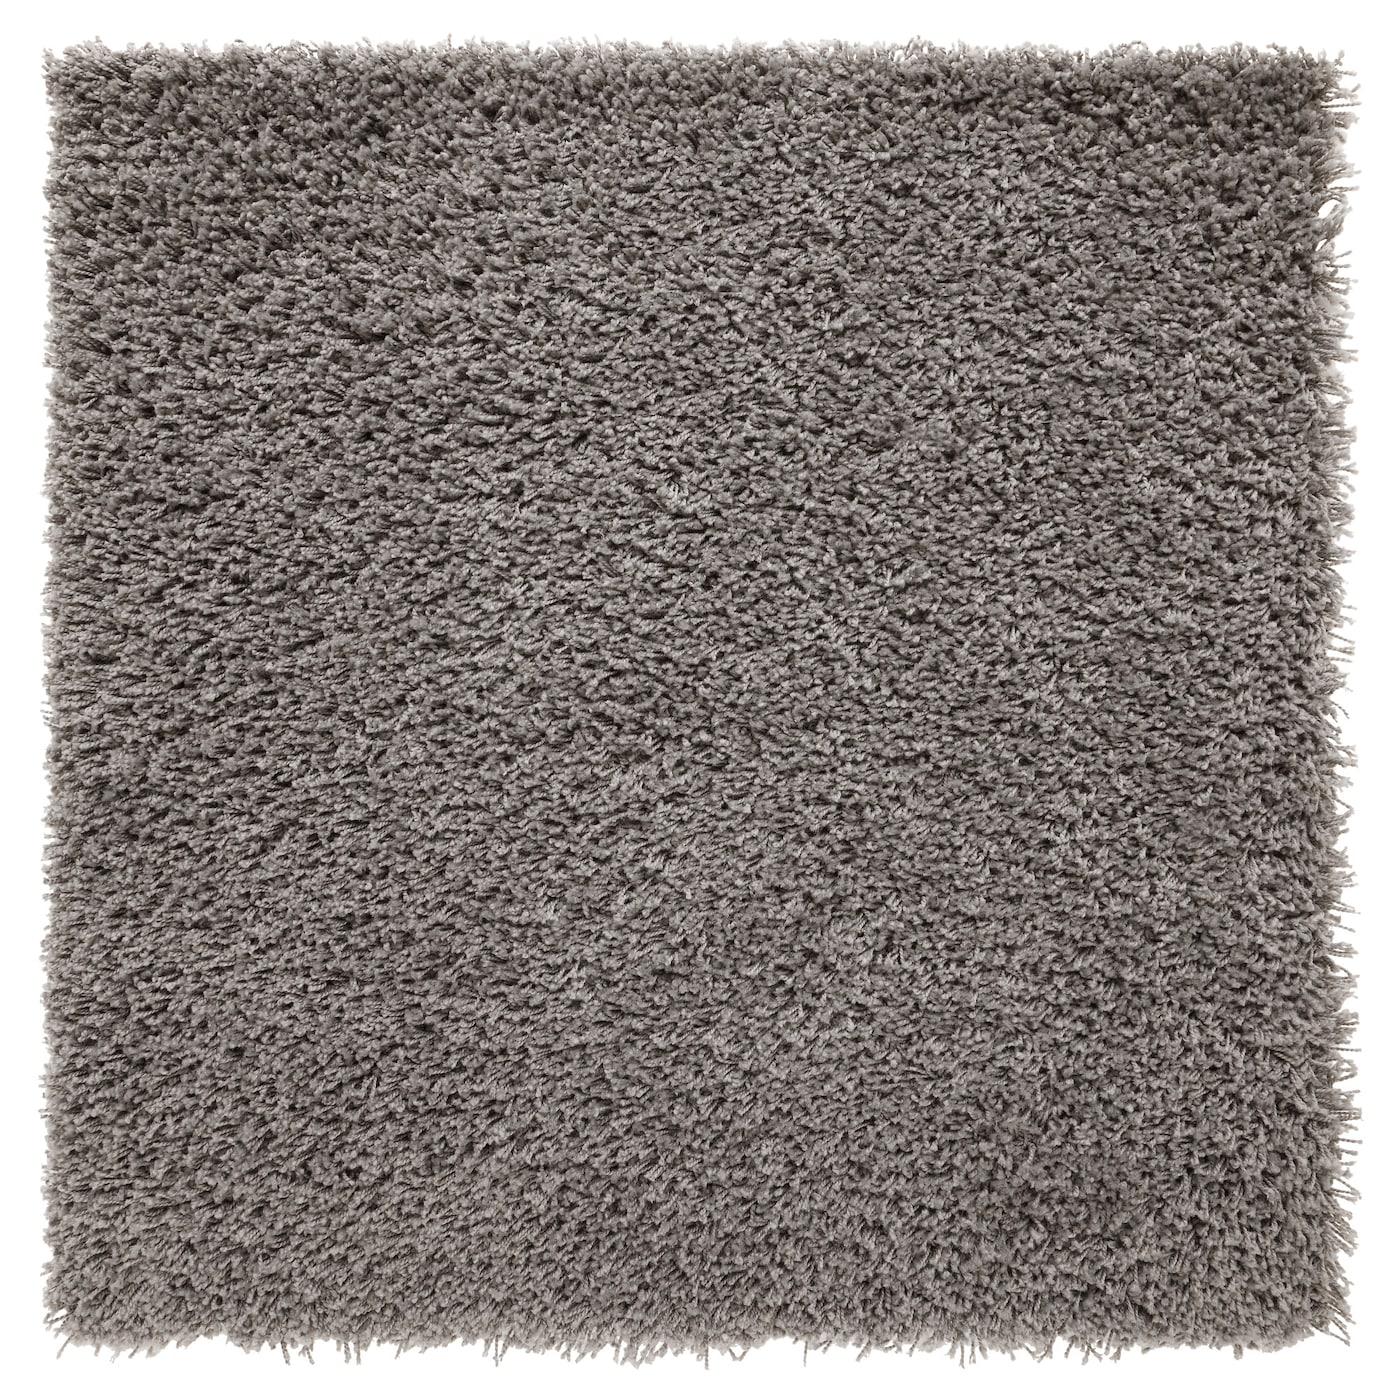 Hampen alfombra pelo largo gris 80 x 80 cm ikea - Alfombra gris ikea ...